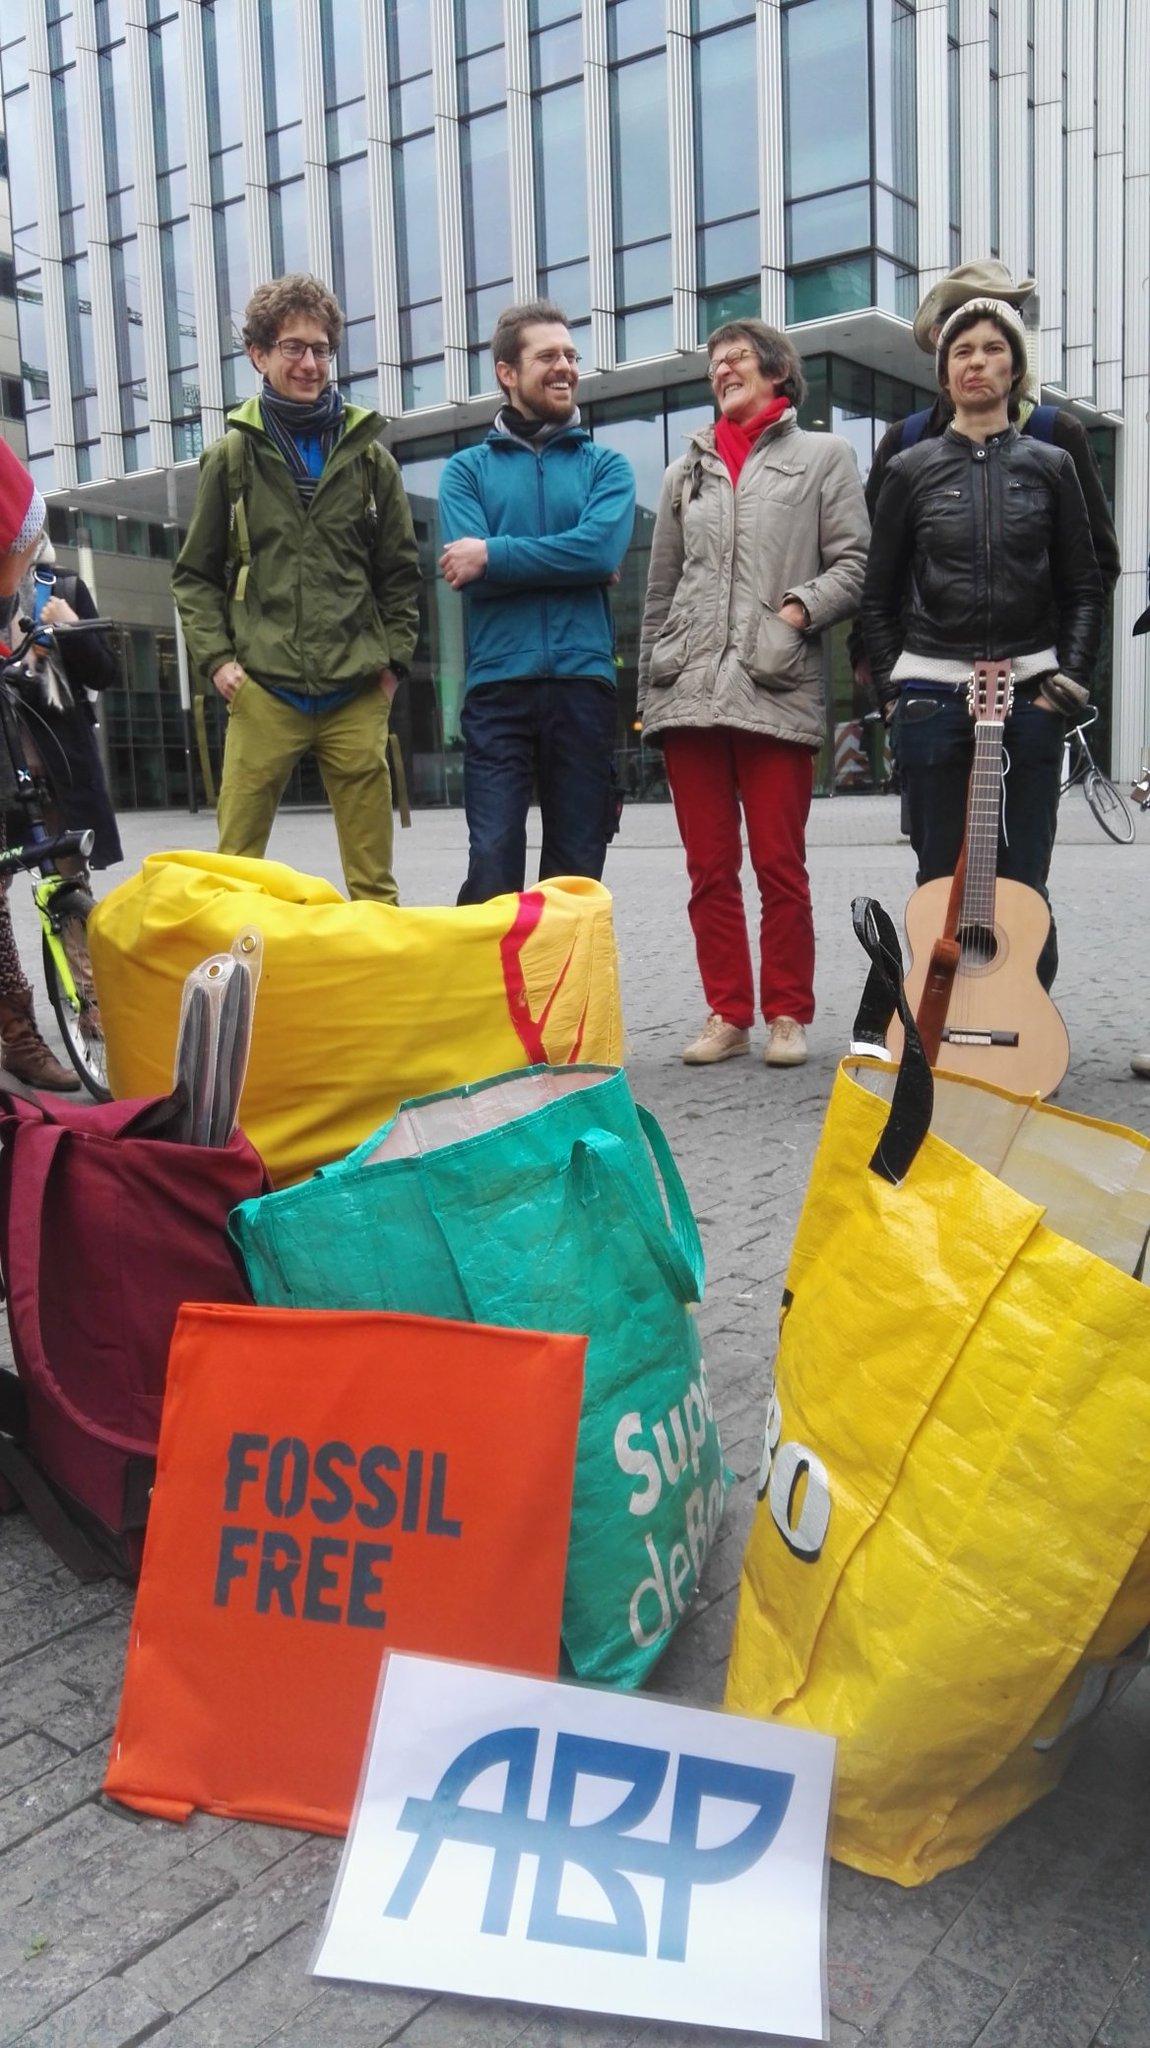 Pensioendeelnemers verzamelen voor @ABPfossielvrij actie bij Zuidas Amsterdam https://t.co/TI0AejemPO